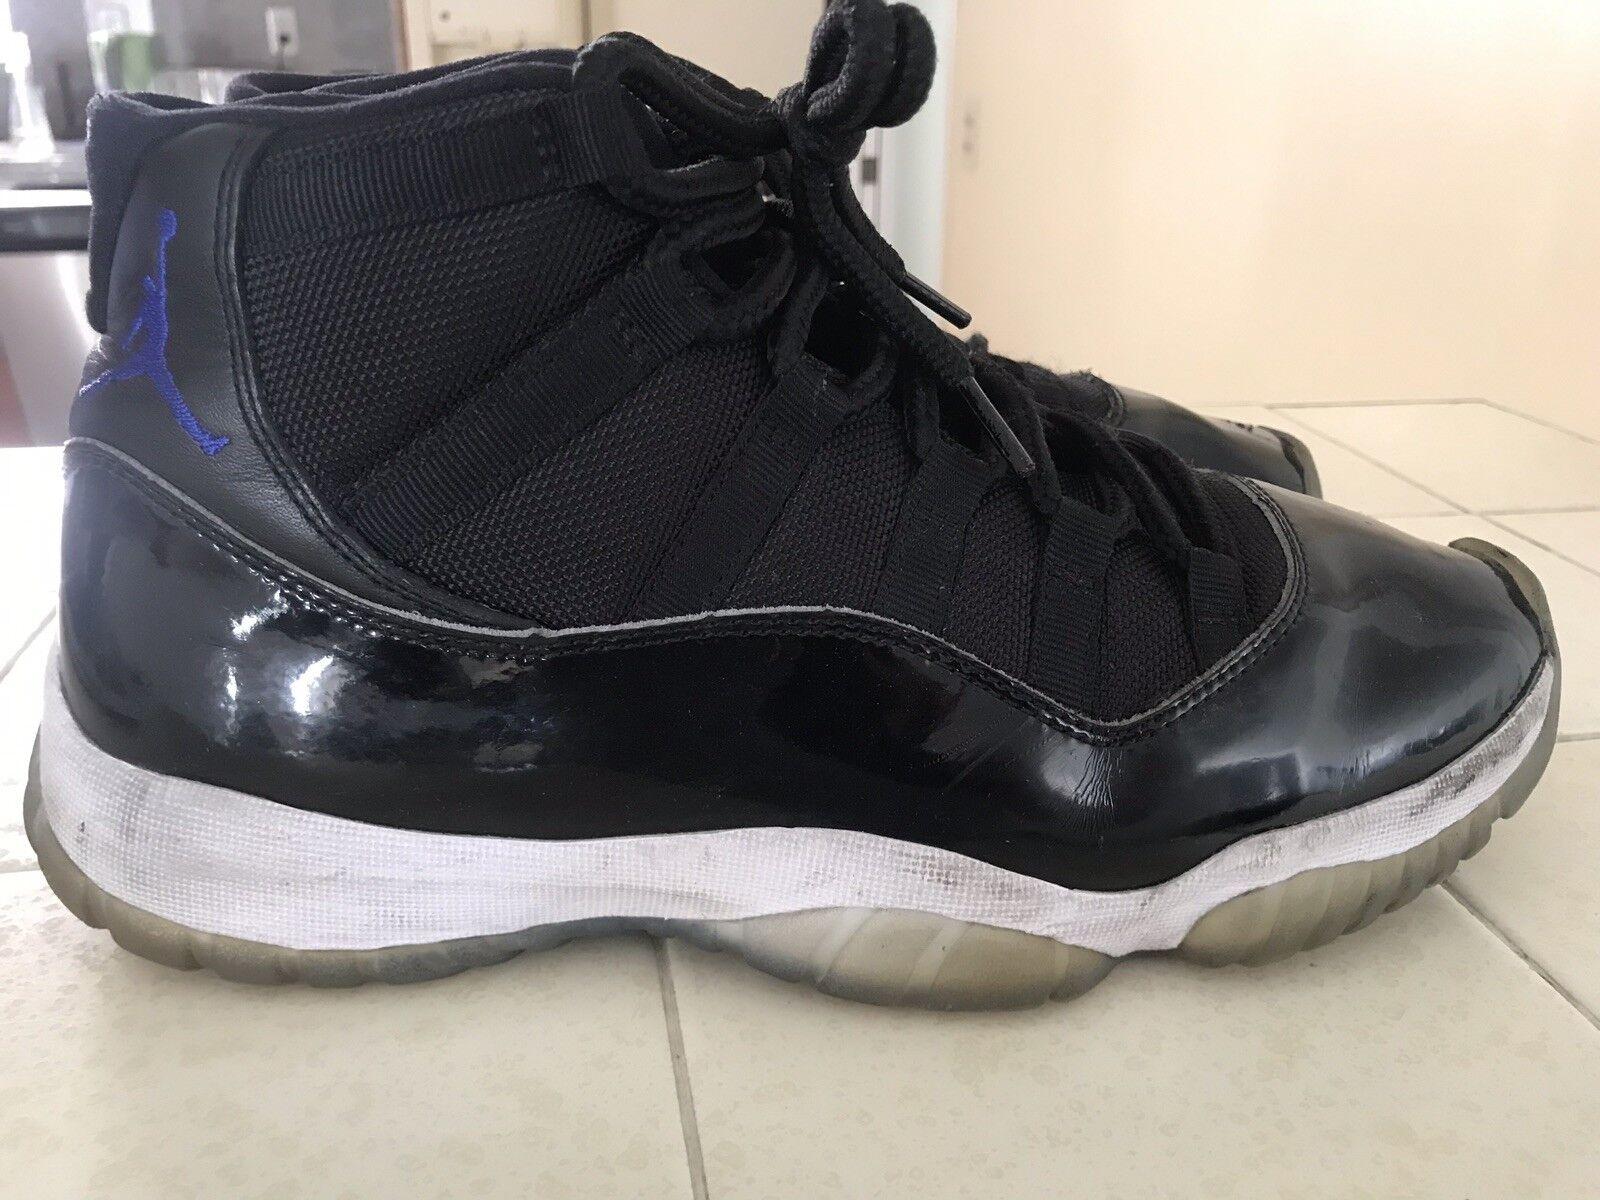 Air Jordan 11 Xl Size 9